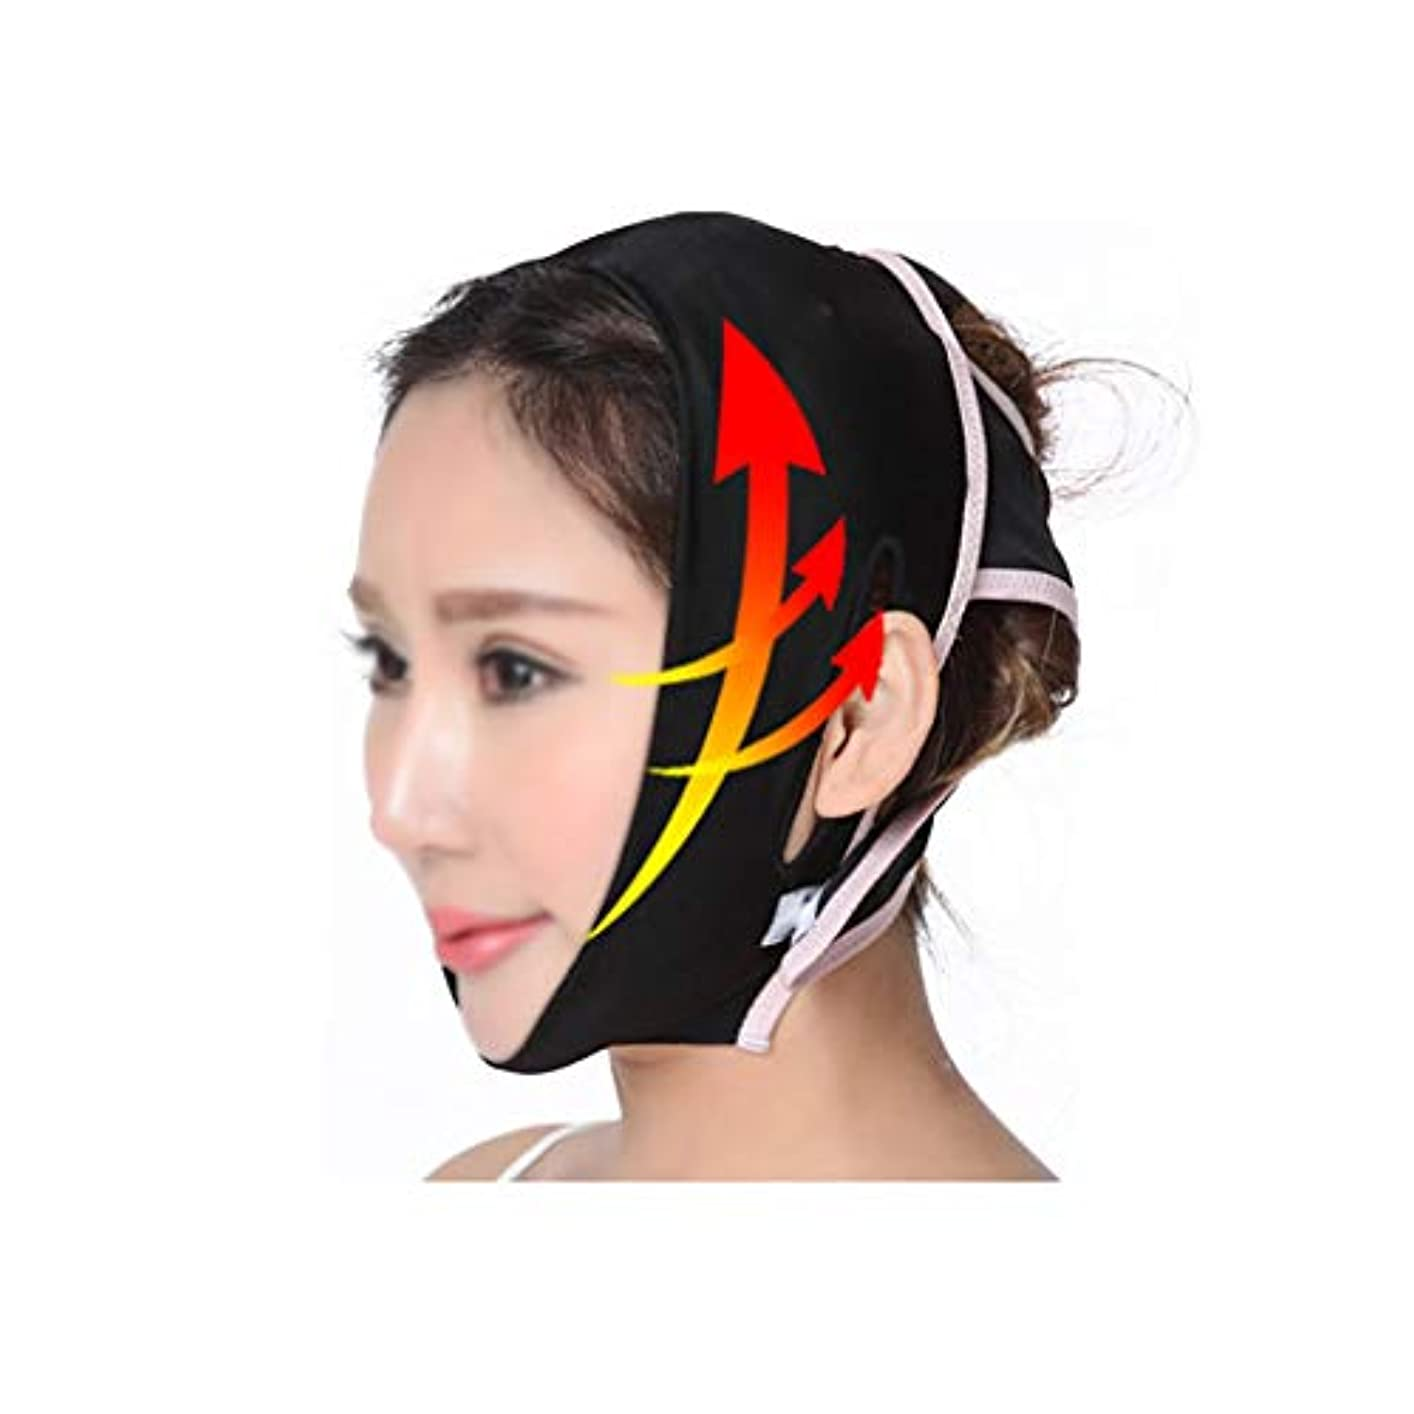 コンテンツリアル議論するTLMY 薄い顔のマスクのマスクの睡眠の顔のプラスチック顔の包帯の顔の持ち上がるVの表面のアーチファクトの回復 ネックバンド 顔用整形マスク (Size : L)